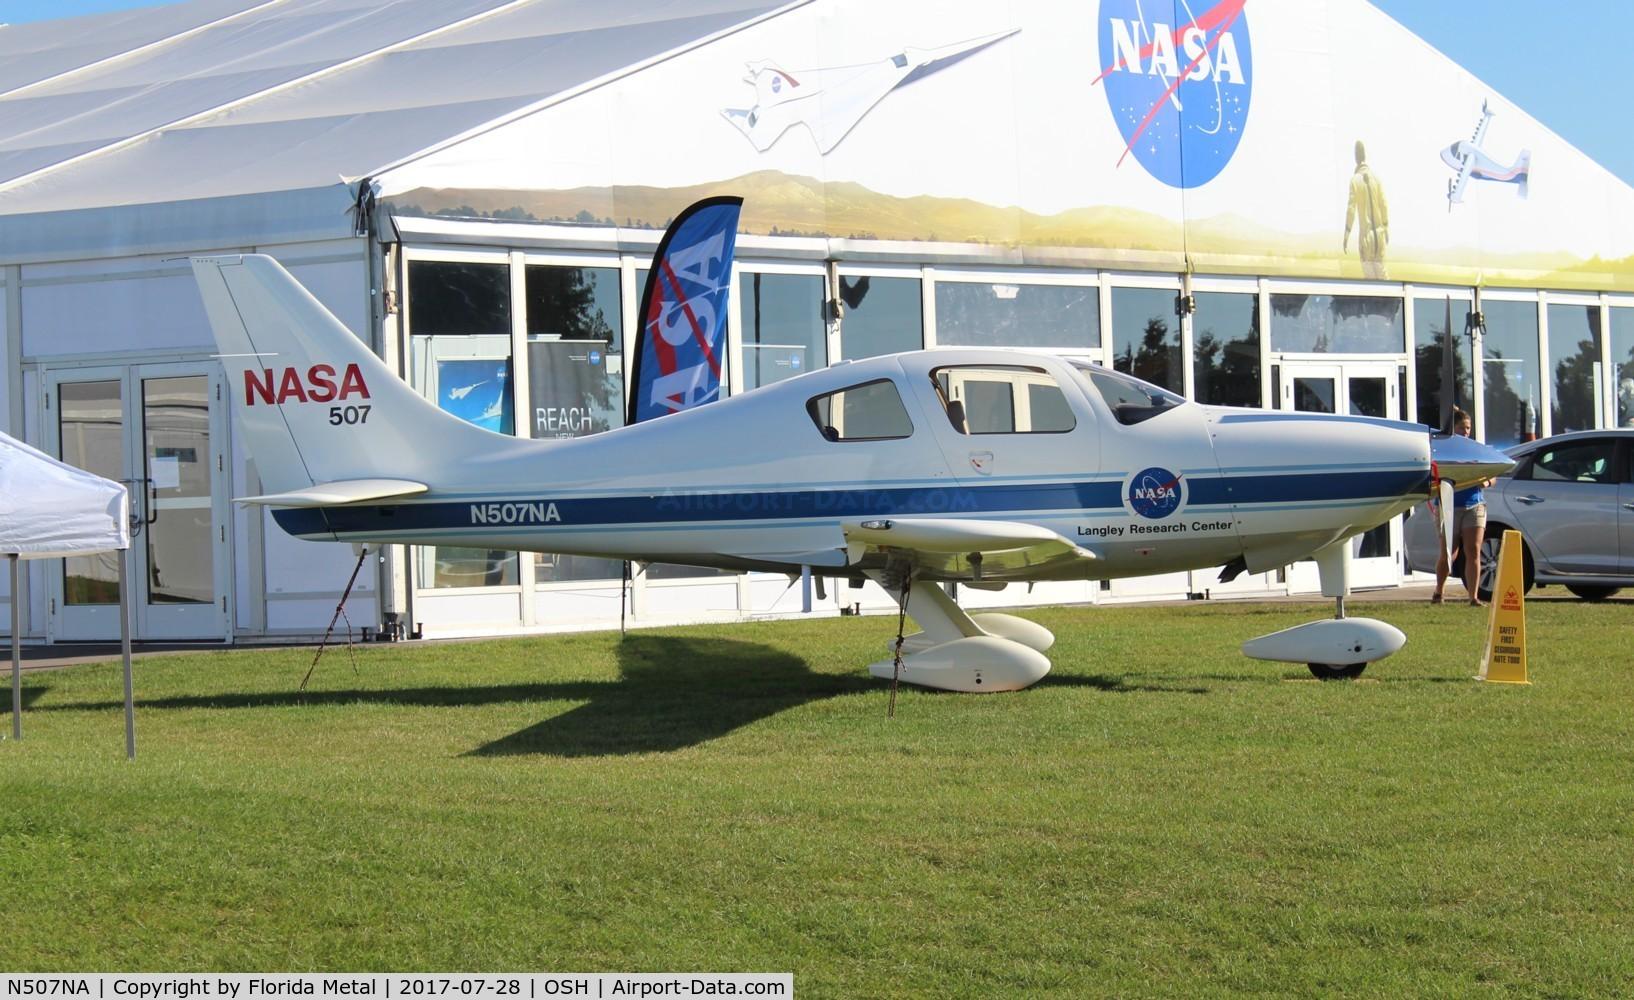 N507NA, 2000 Lancair LC-40-550FG C/N 40008, NASA LC-40